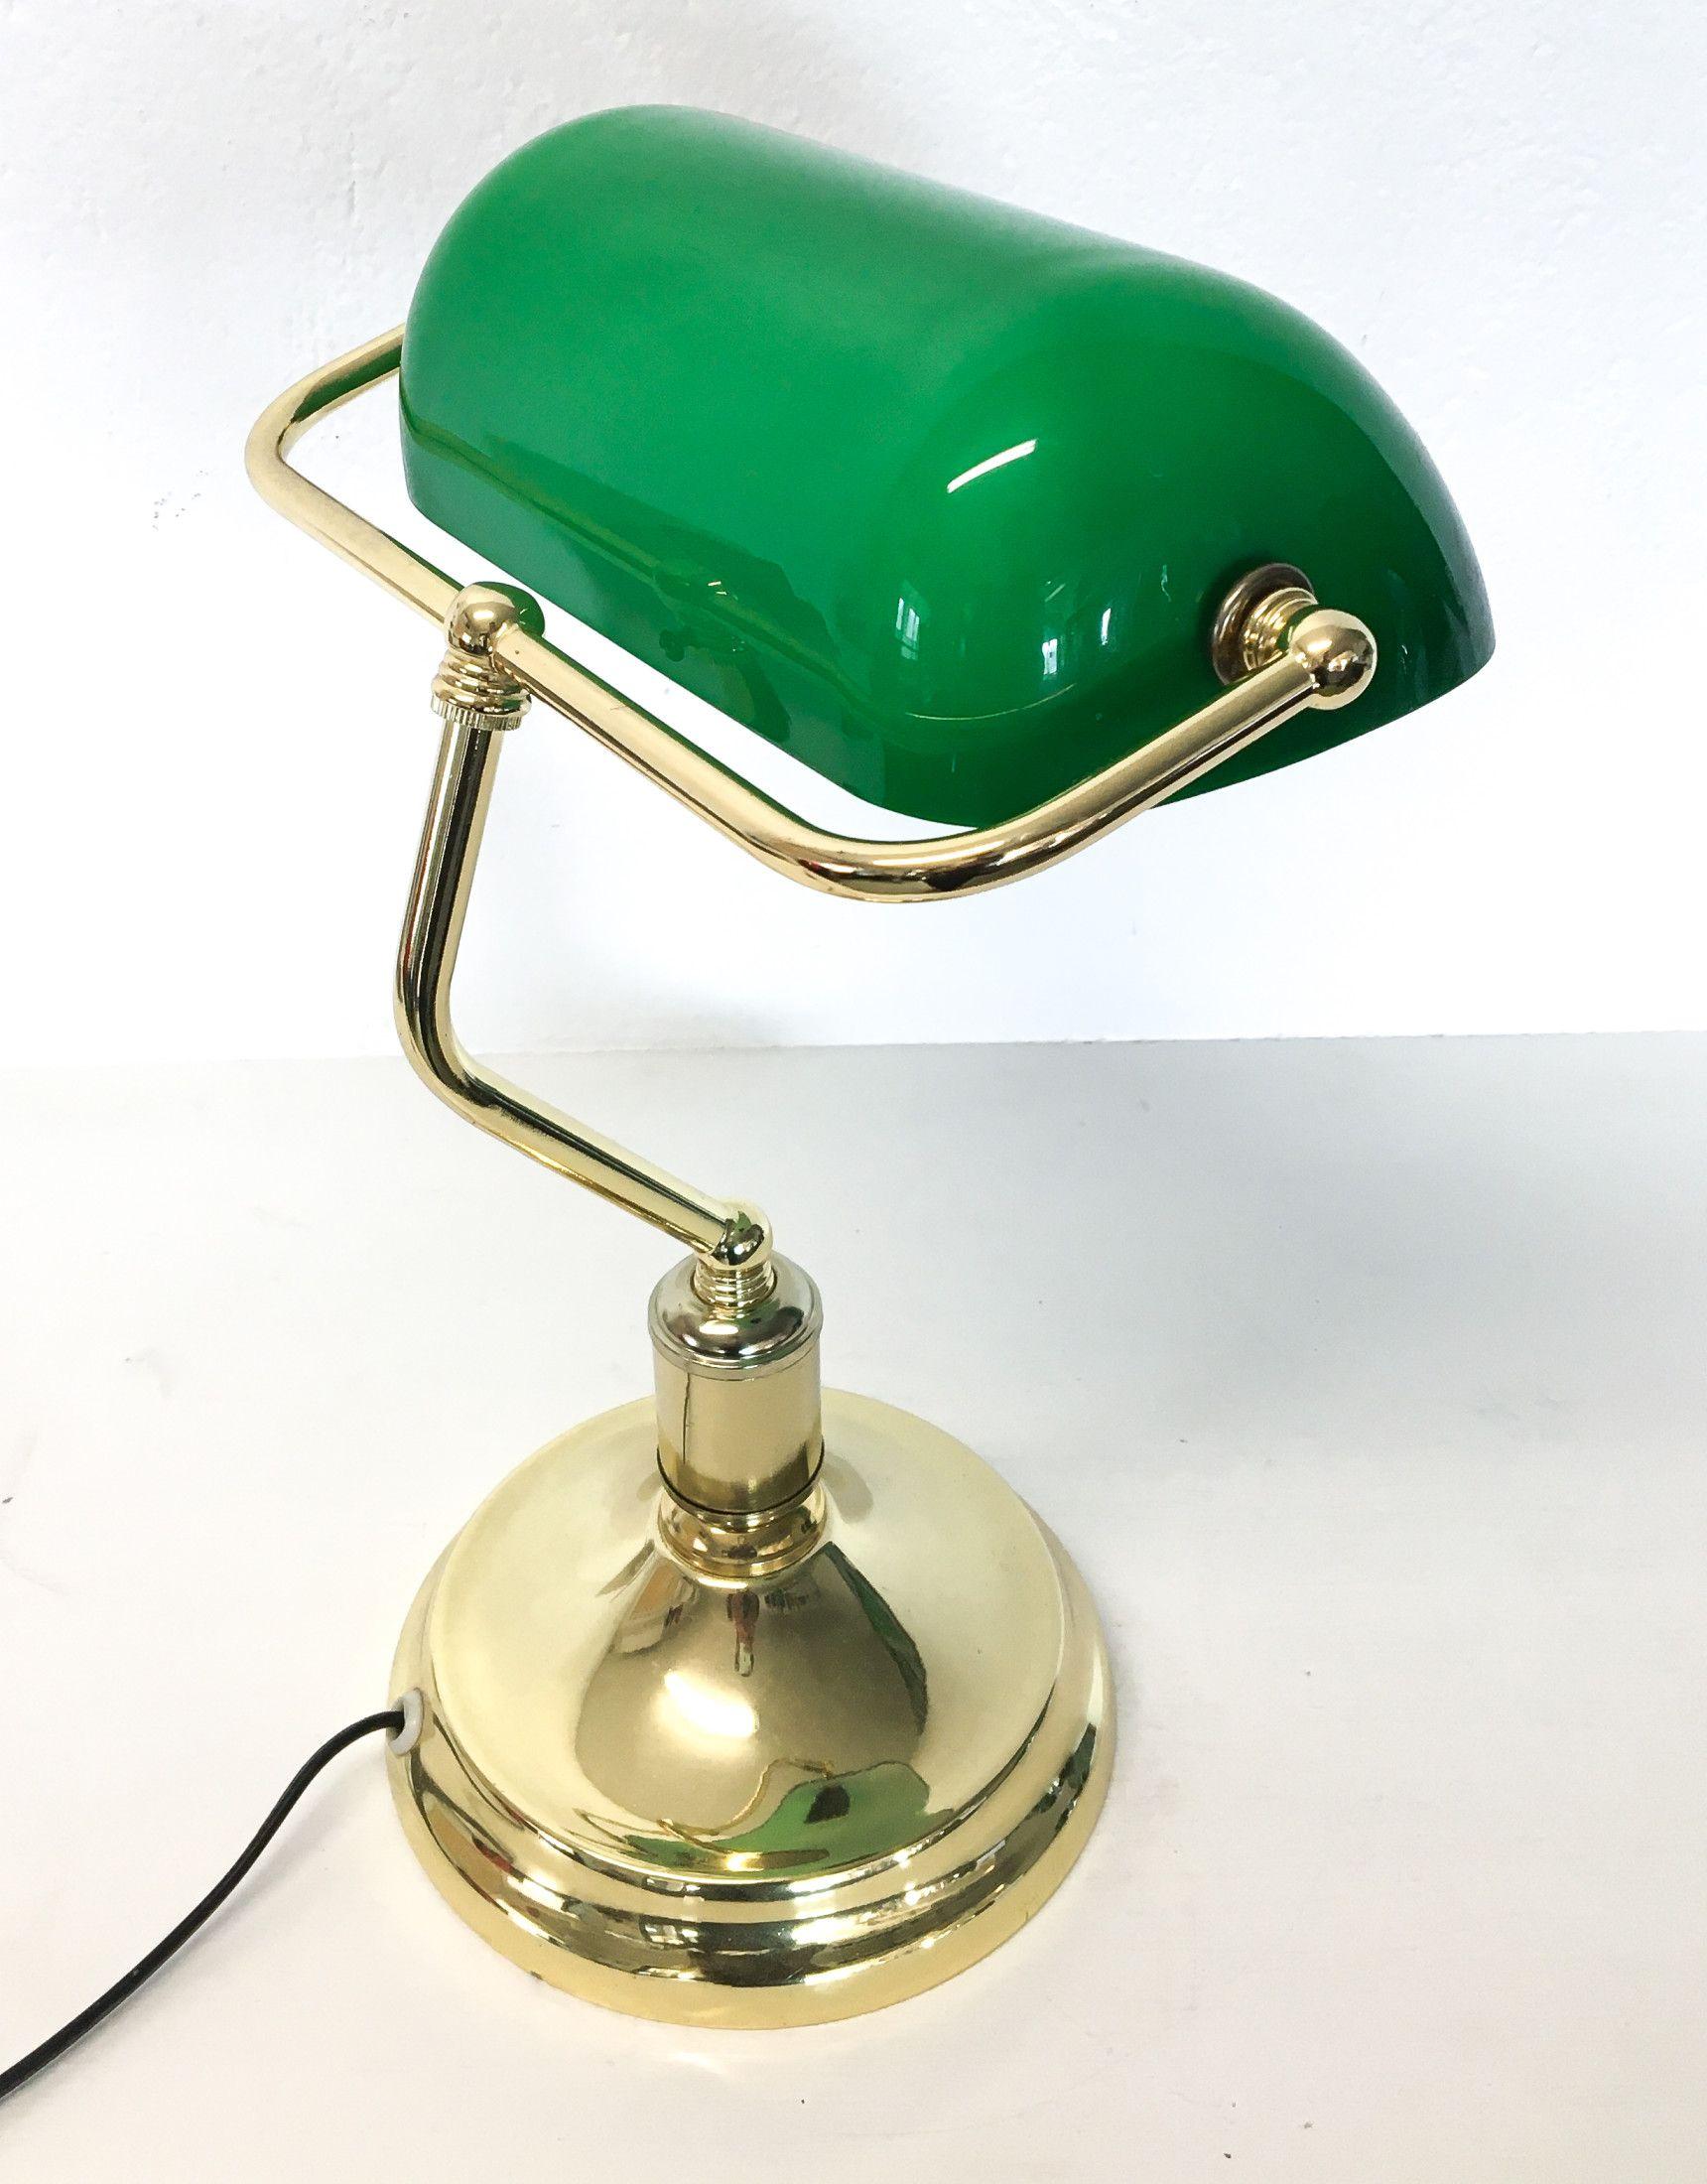 Lampada Da Tavolo Ministeriale Con Paralume In Vetro Verde Italia Lampade Da Tavolo Lampade Paralumi